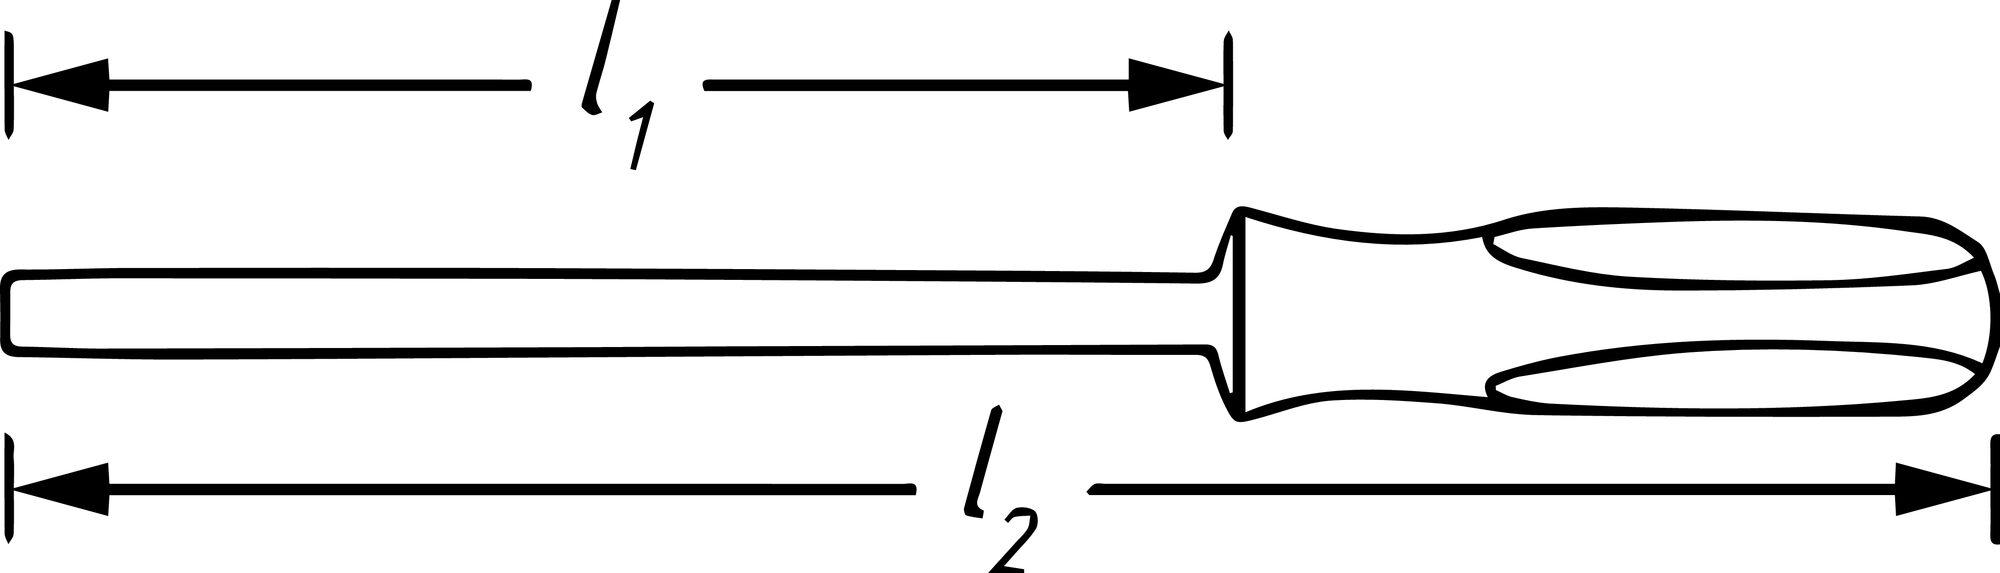 HAZET Schraubendreher trinamic 803LG-T30 ∙ Innen TORX® Profil ∙ T30